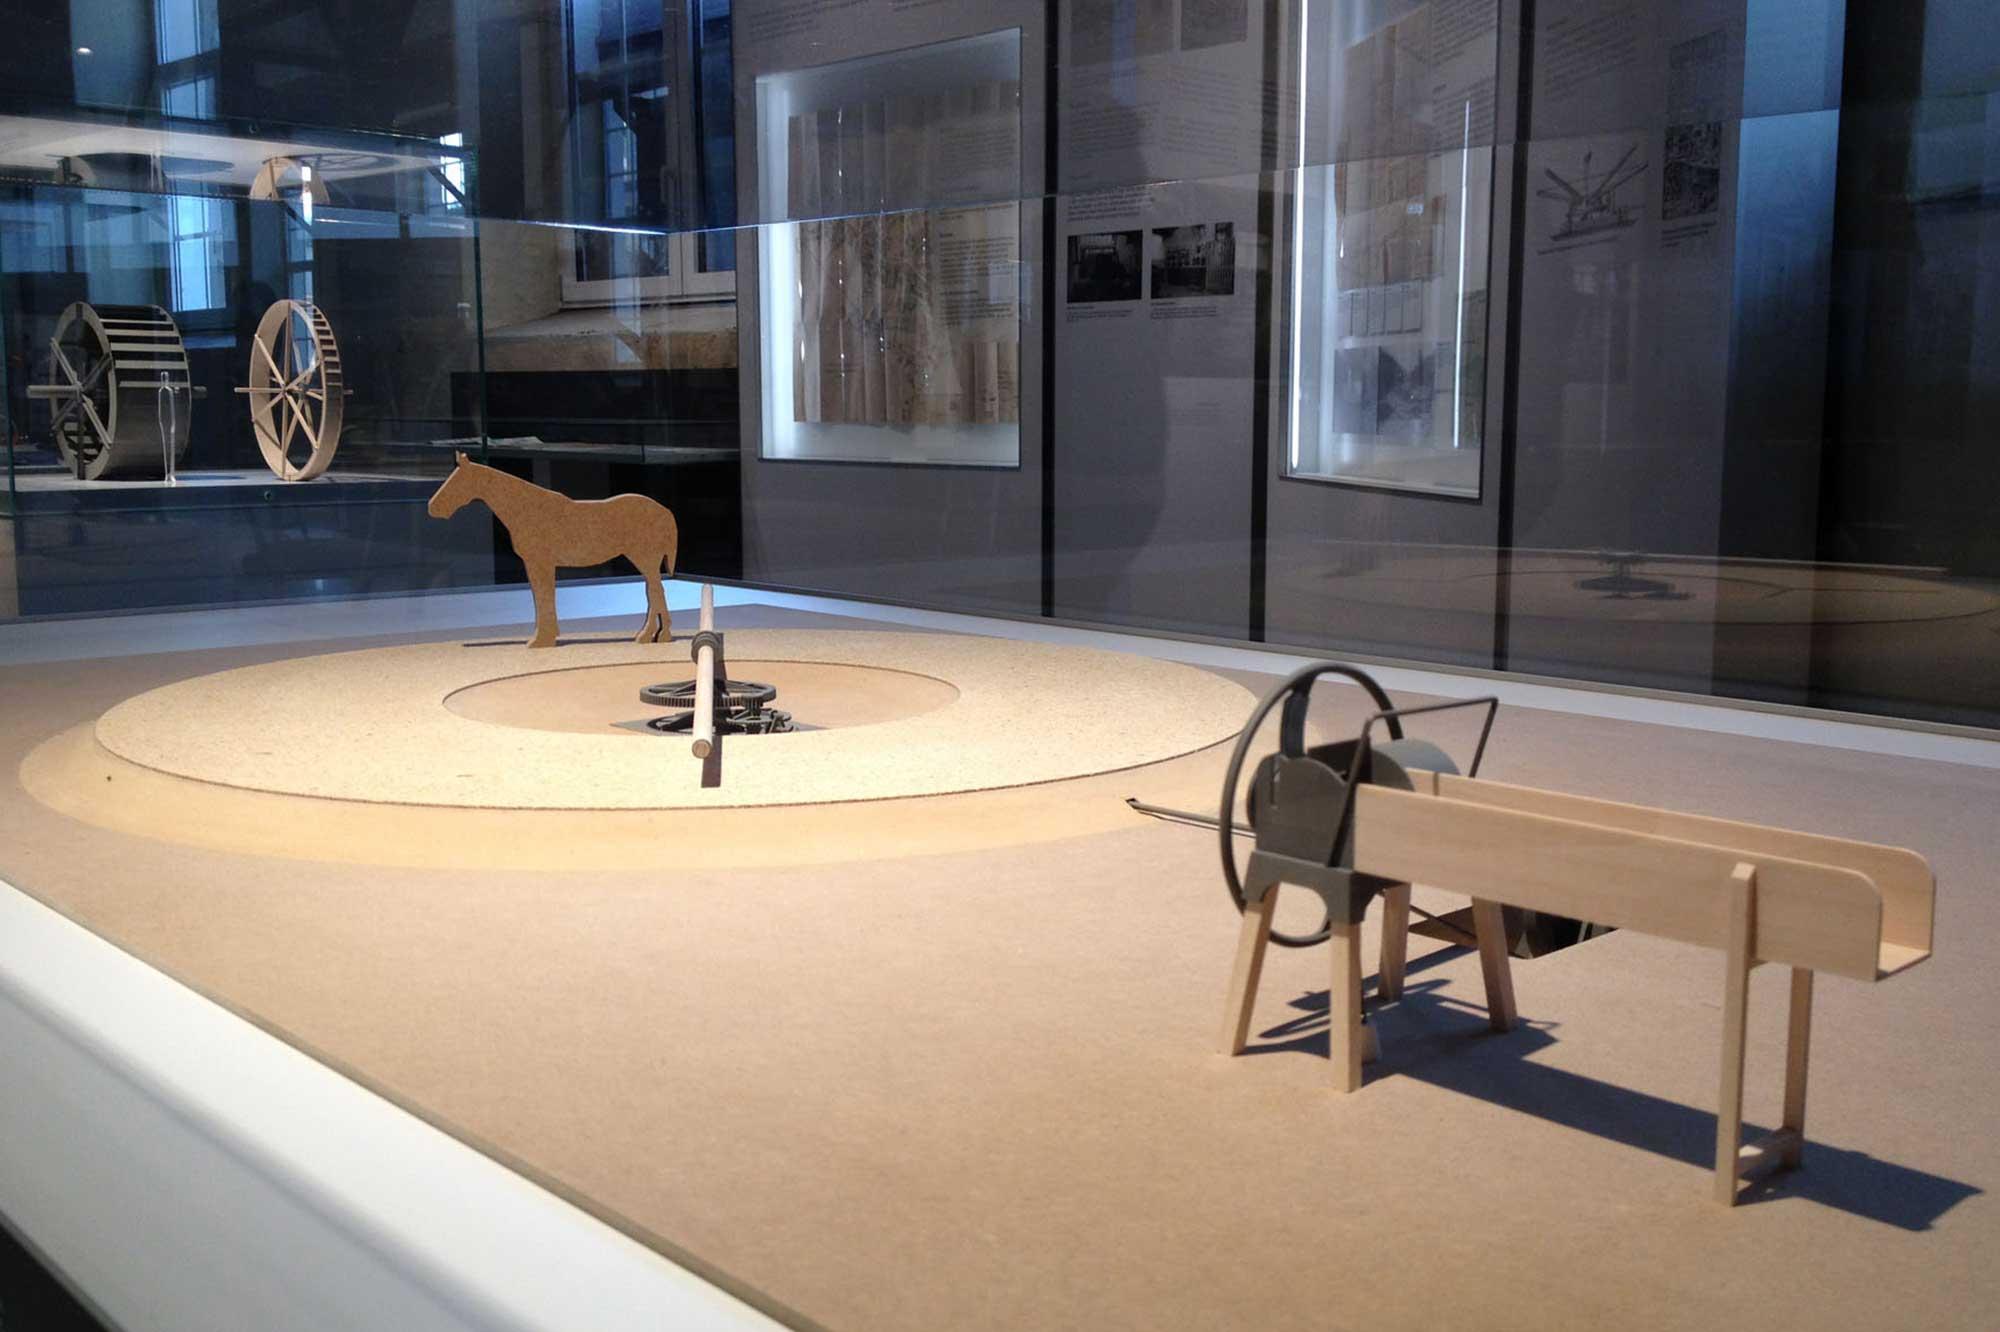 Modellszene im Kontext der Ausstellung